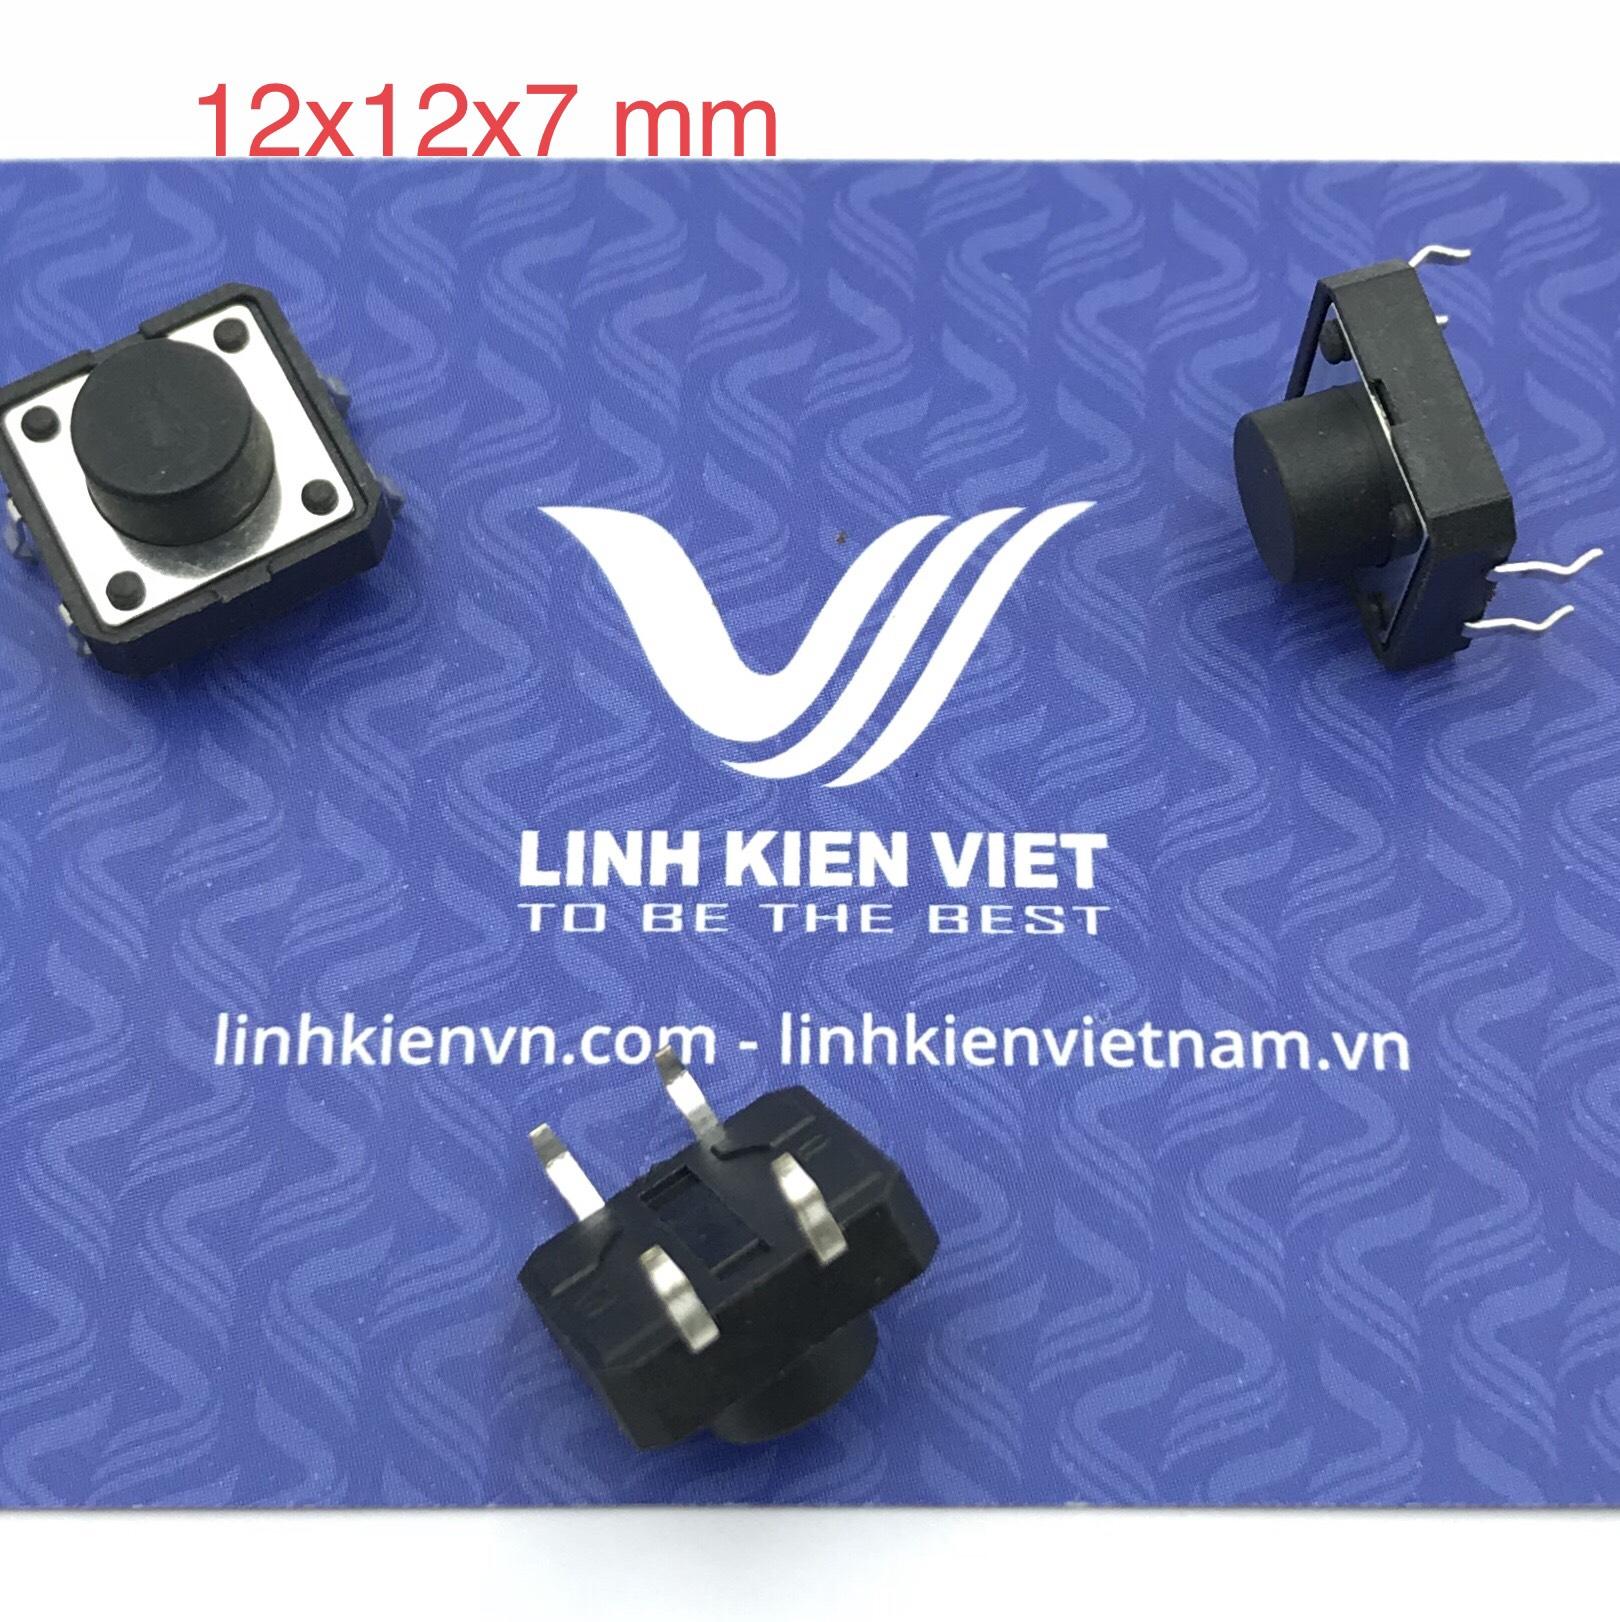 Nút nhấn 4 chân 12x12x7 mm cắm - K2H21